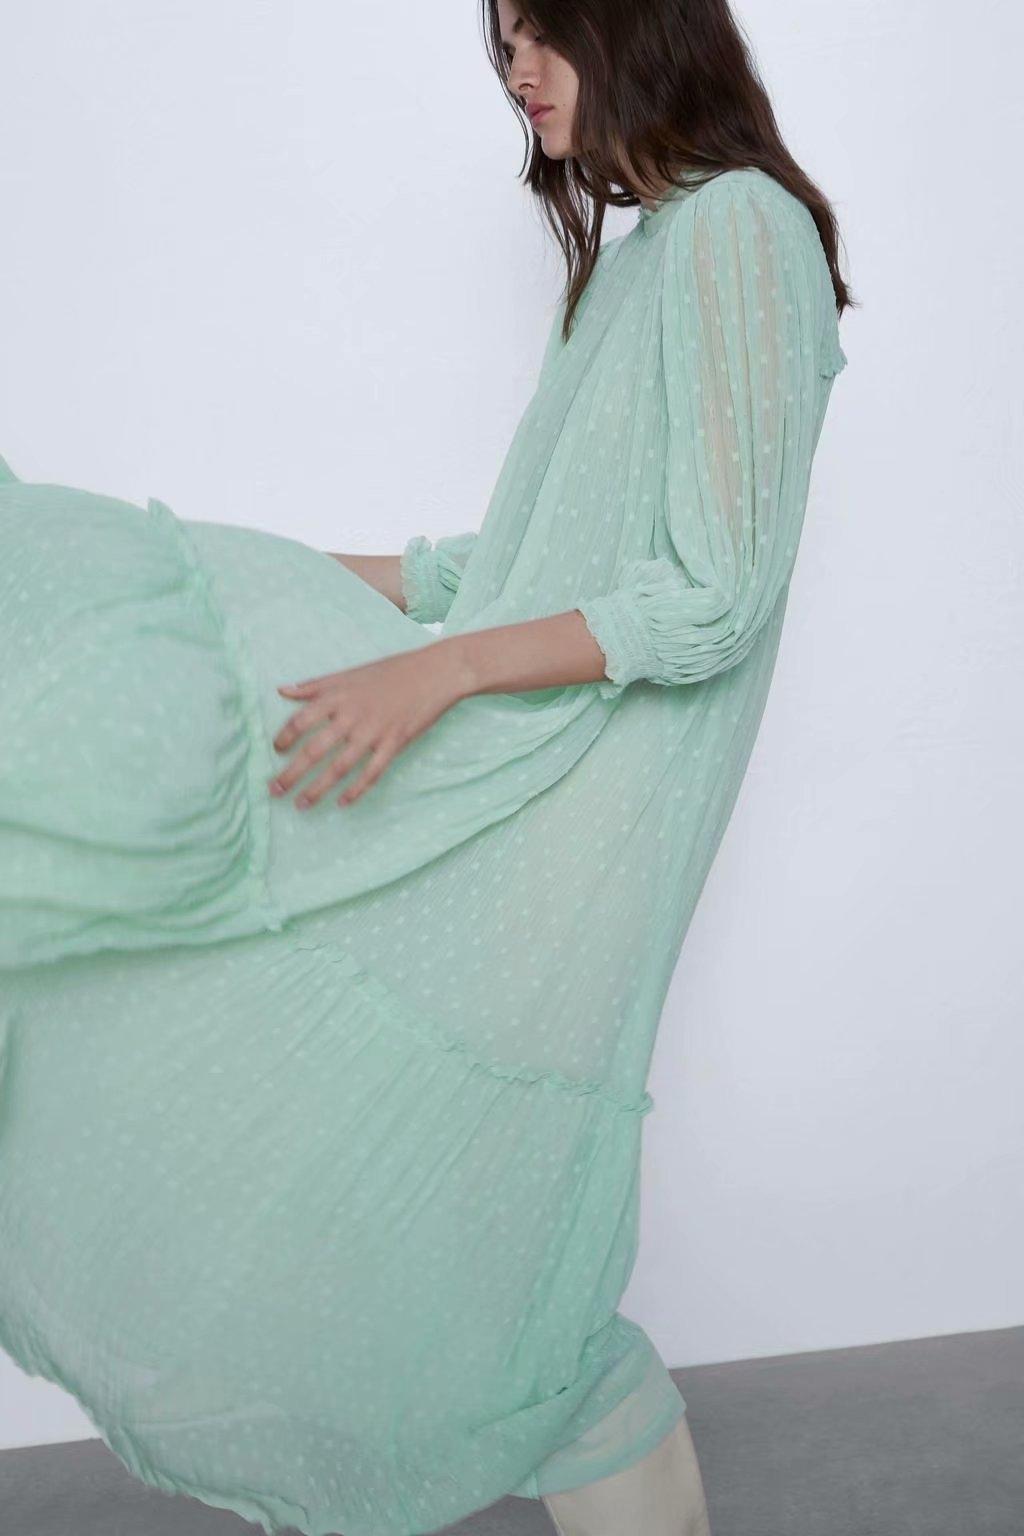 gae00 2020 elegante tul tul primavera FF1-29800 2020 vestido de manga larga elegante de manga larga vestido de primavera FF1-29800